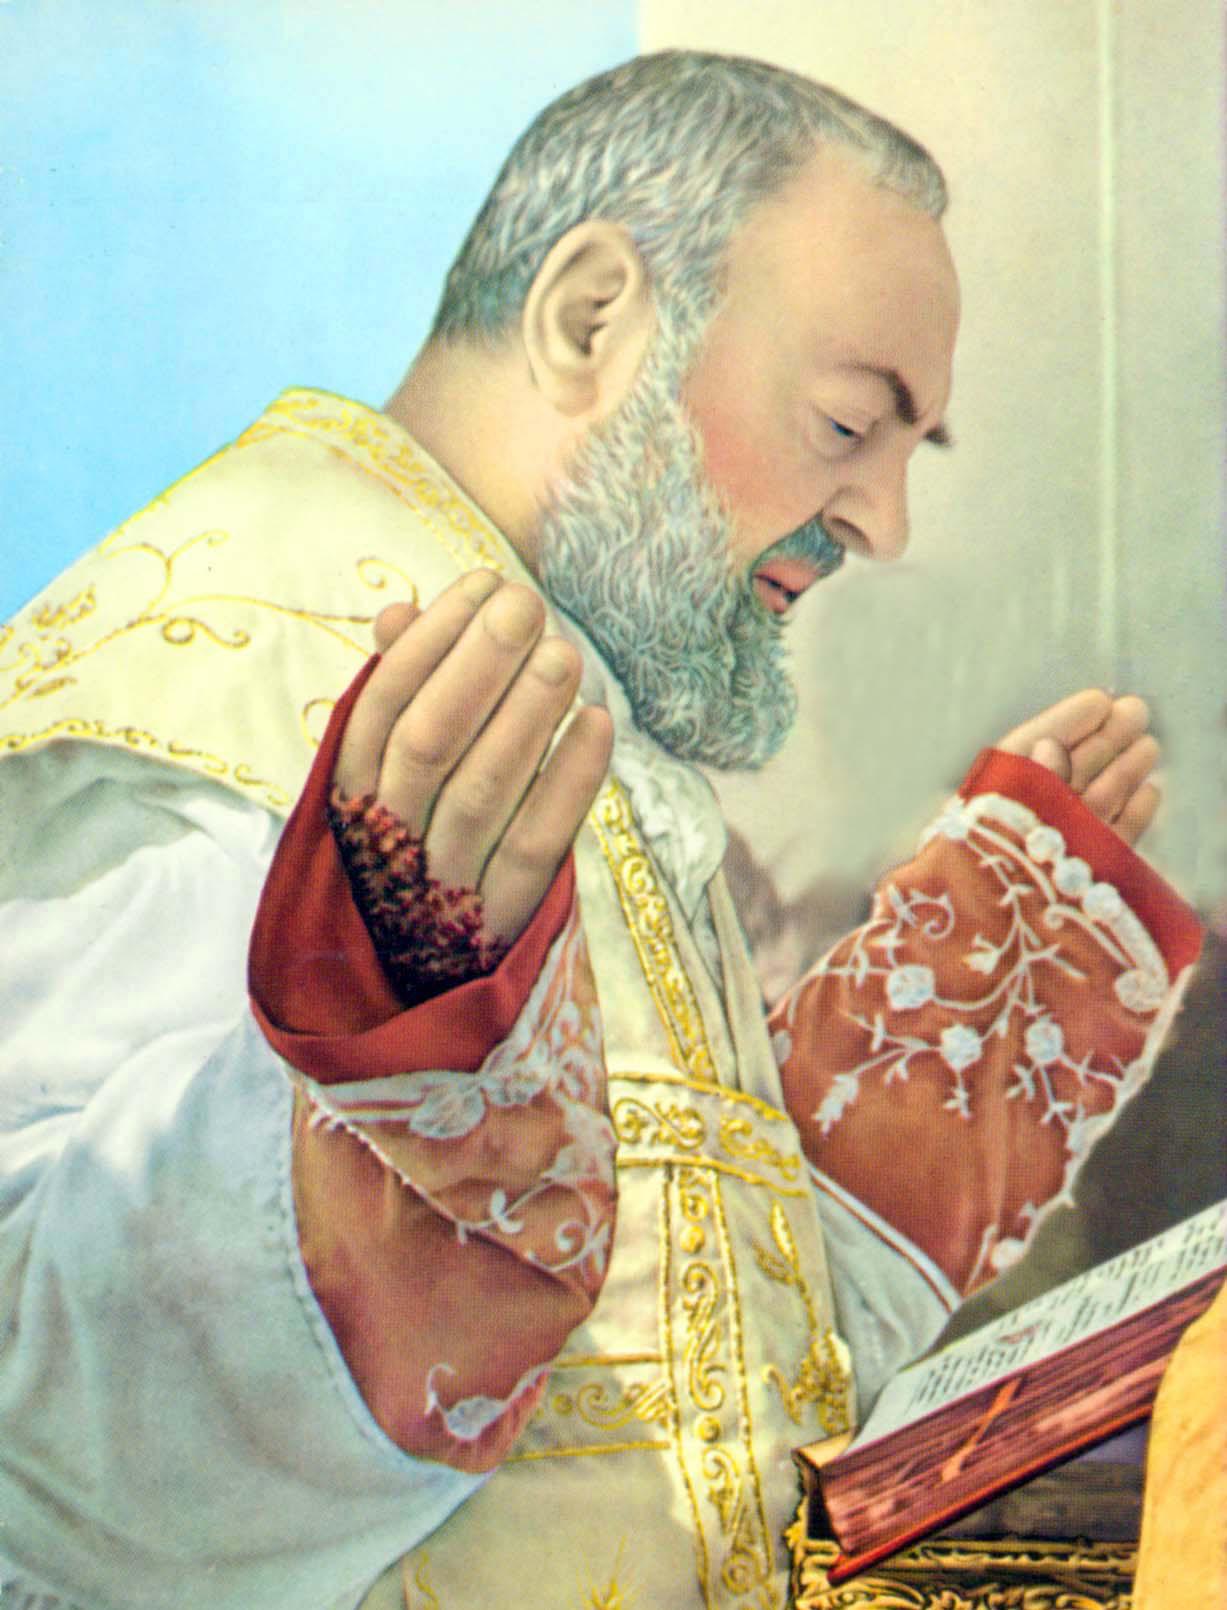 """<a href=""""https://www.palmarianchurch.org/saint-pio-of-pietrelcina/"""" title=""""Saint Pío of Pietrelcina"""">Saint Pío of Pietrelcina<br><br>See more</a>"""